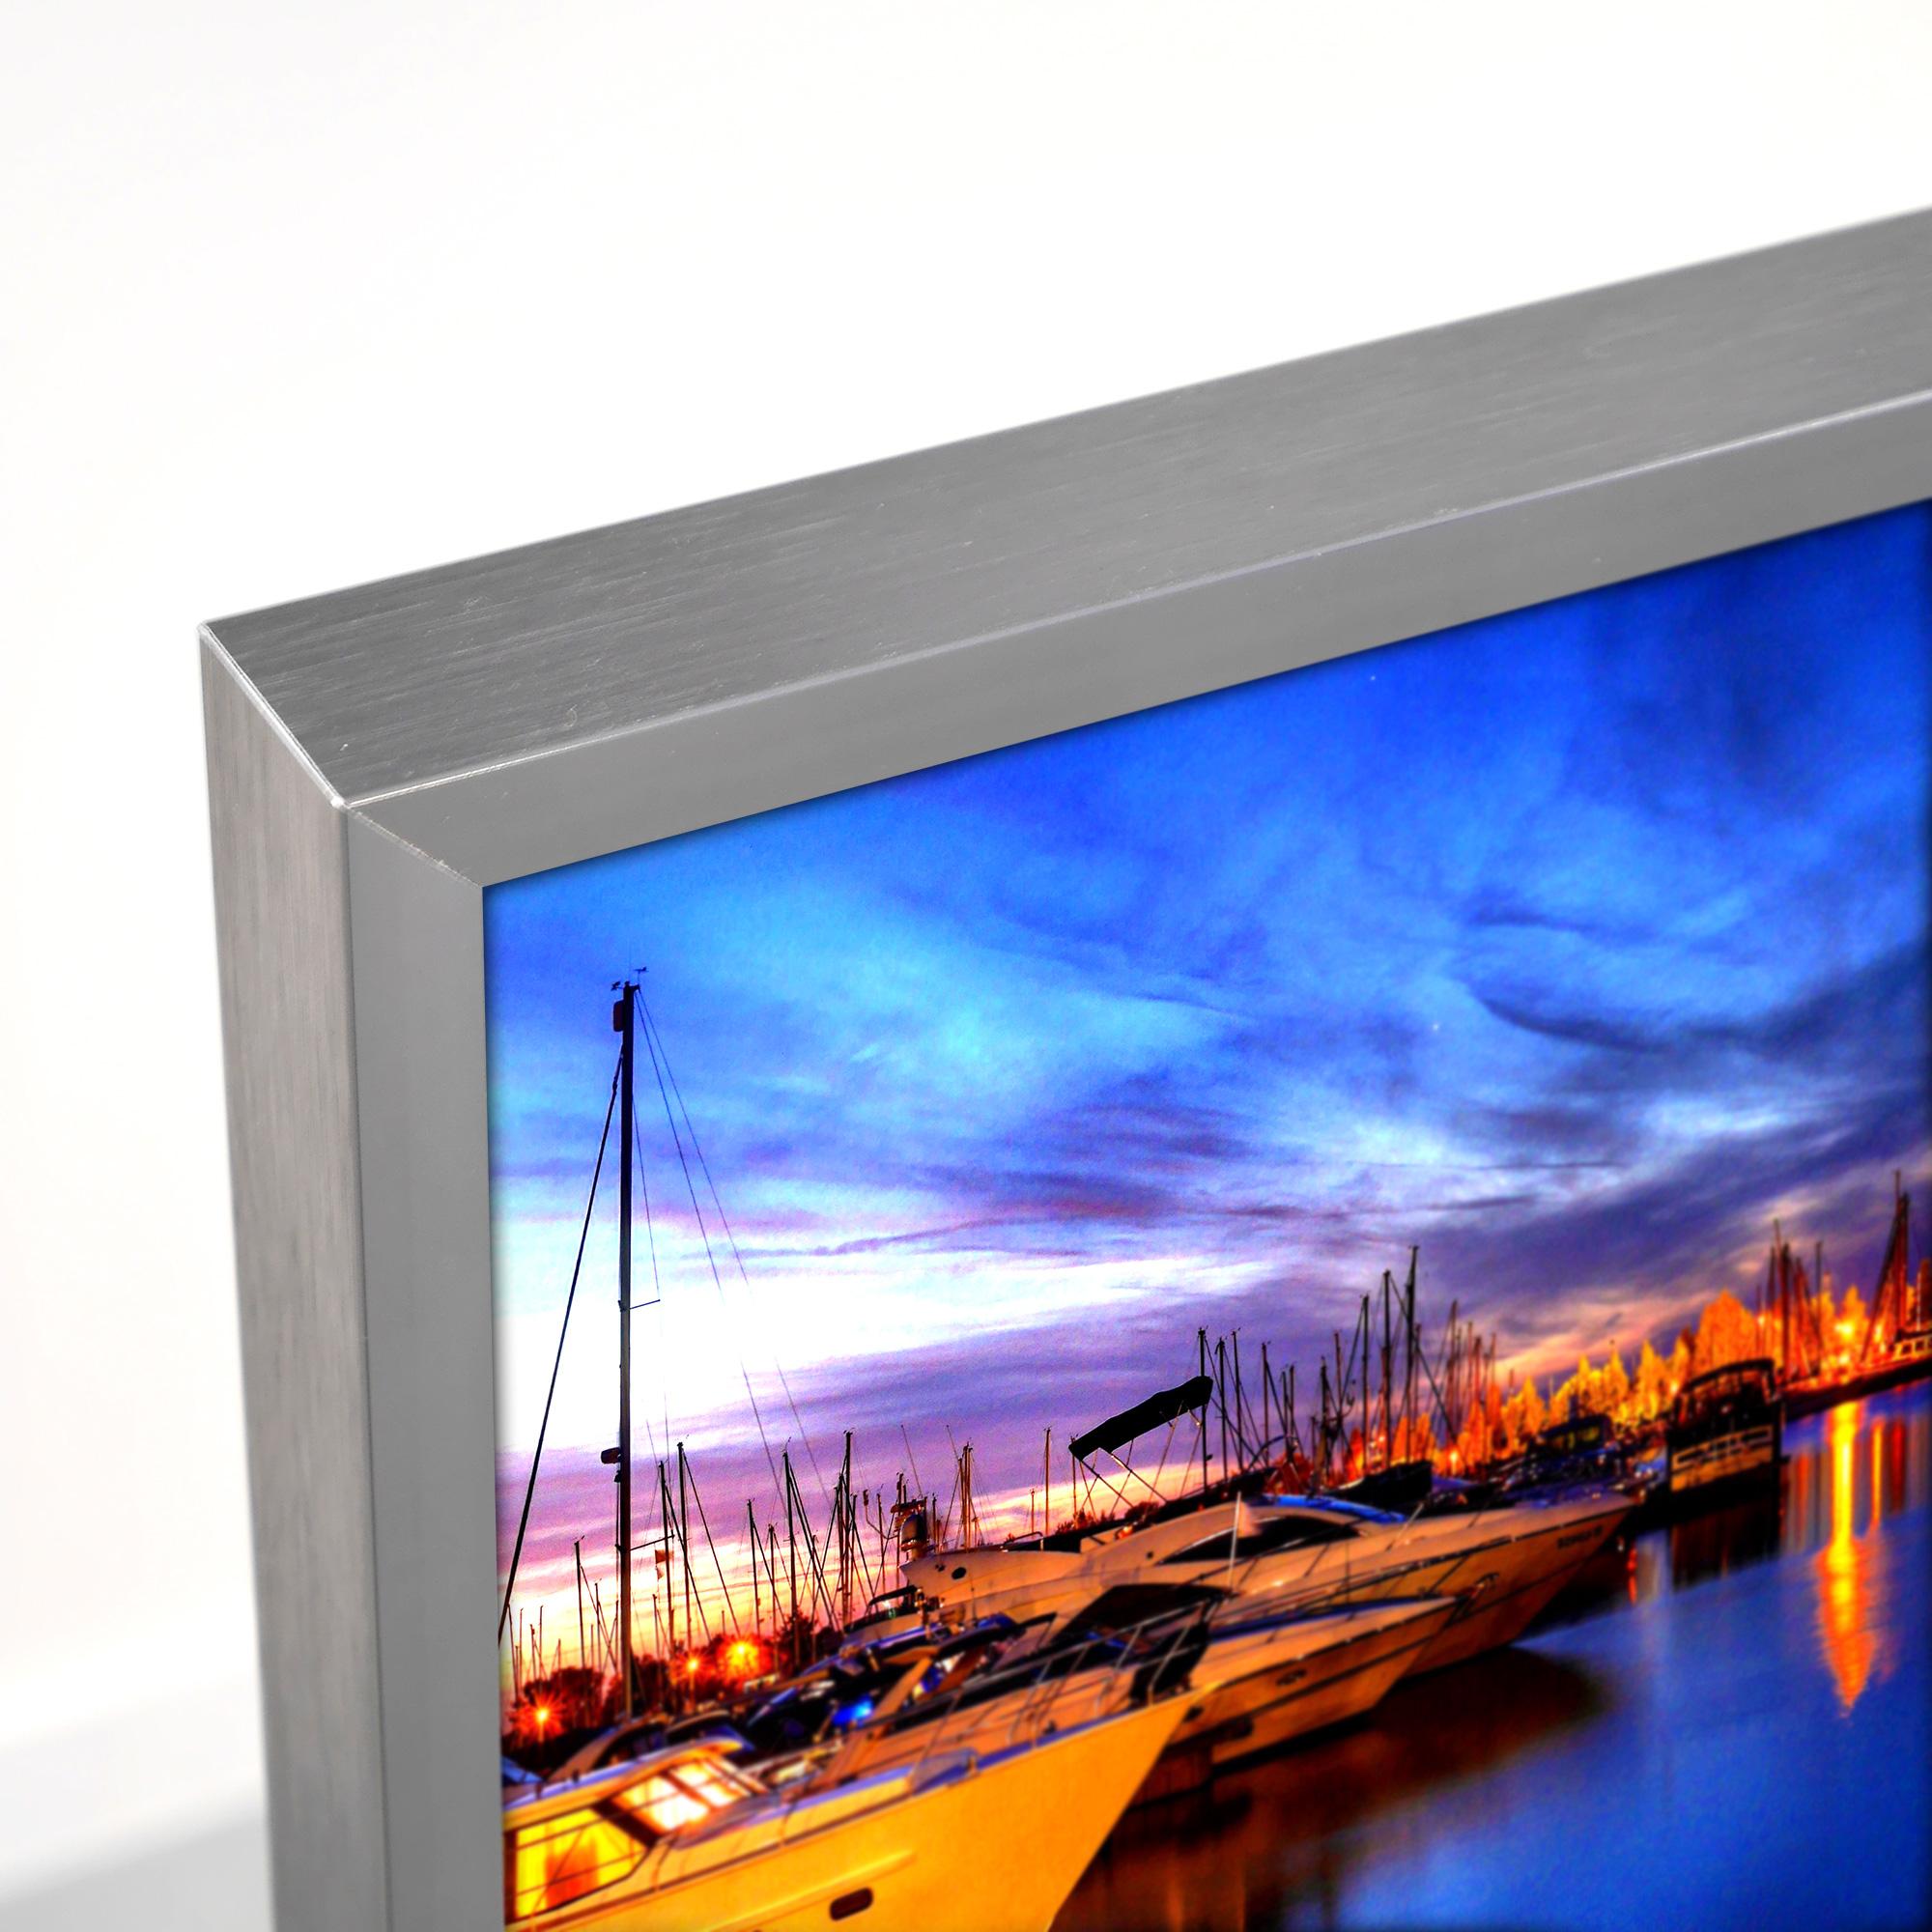 infrarotheizung bild die vasner panora bildheizung manketech gmbh. Black Bedroom Furniture Sets. Home Design Ideas